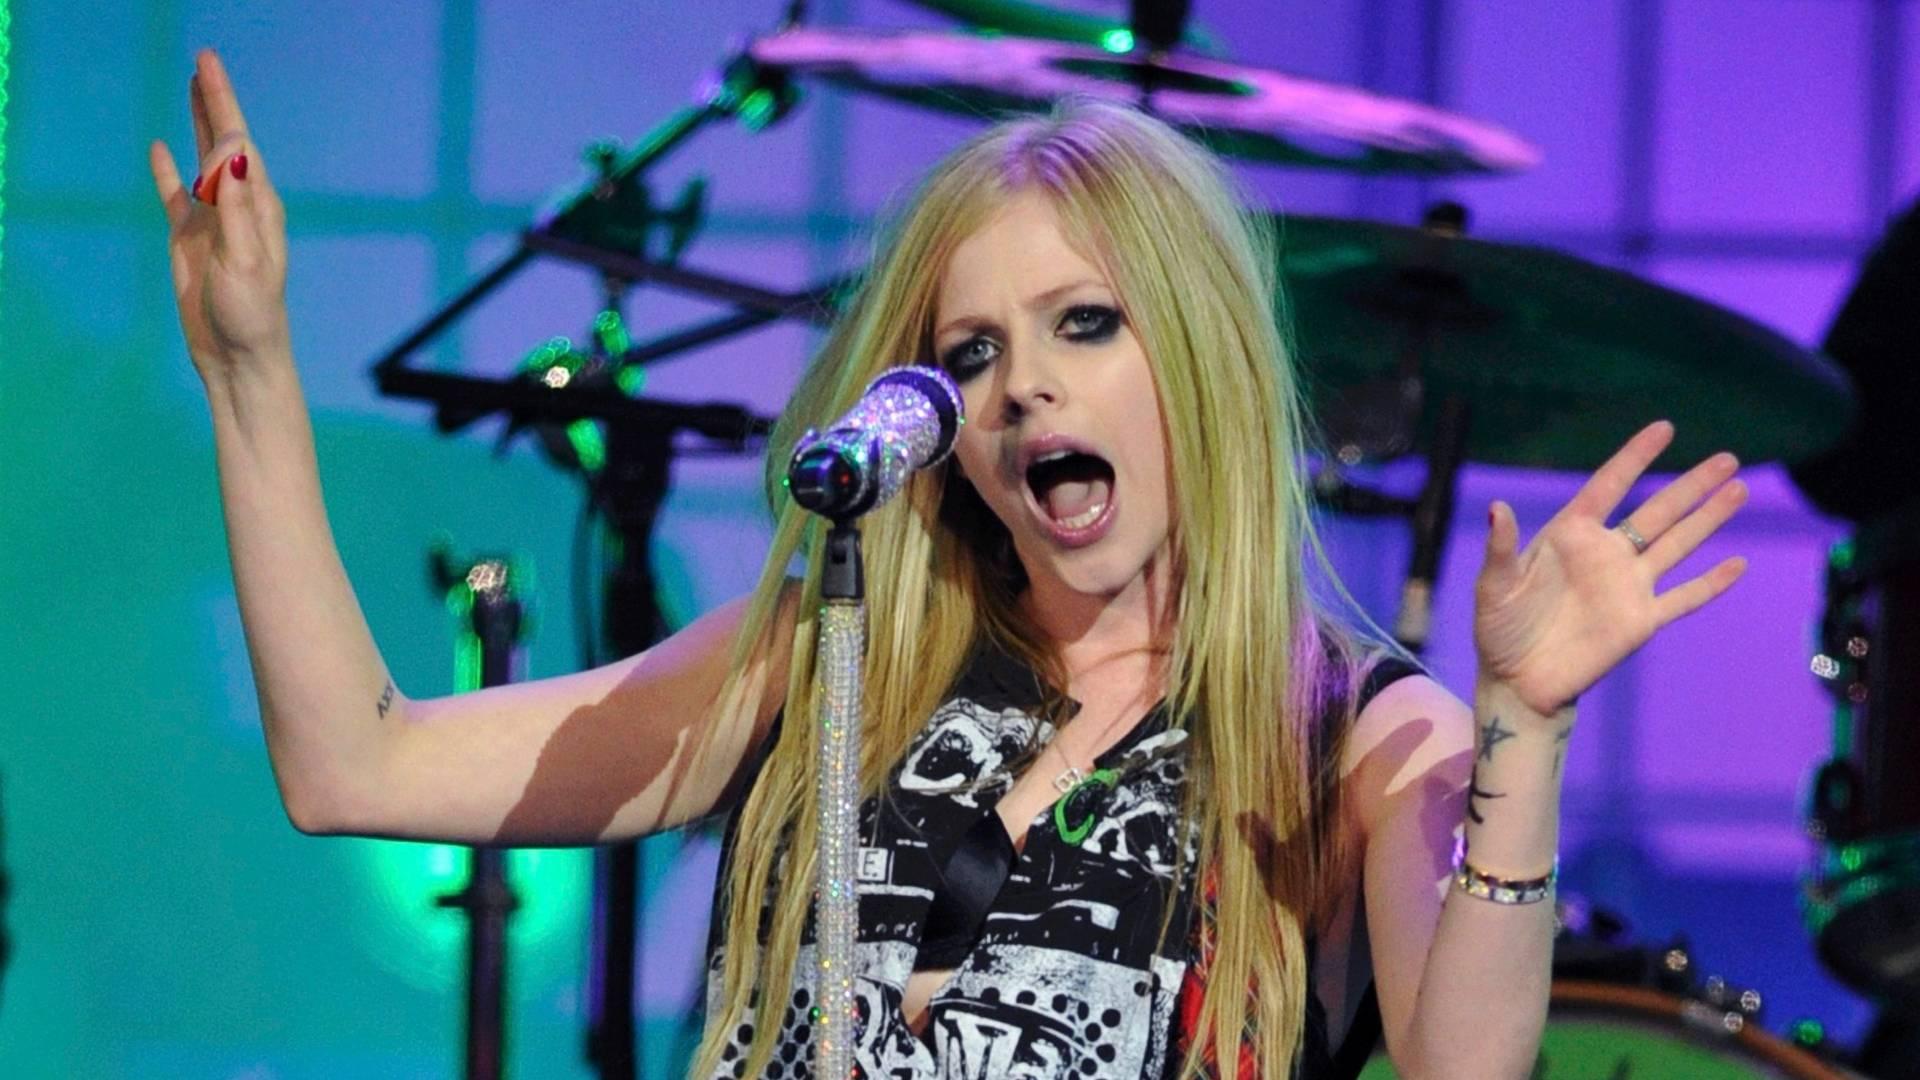 Avril Lavigne canta durante apresentação no MuchMusic Video Awards em Toronto, no Canadá (19/06/2011)